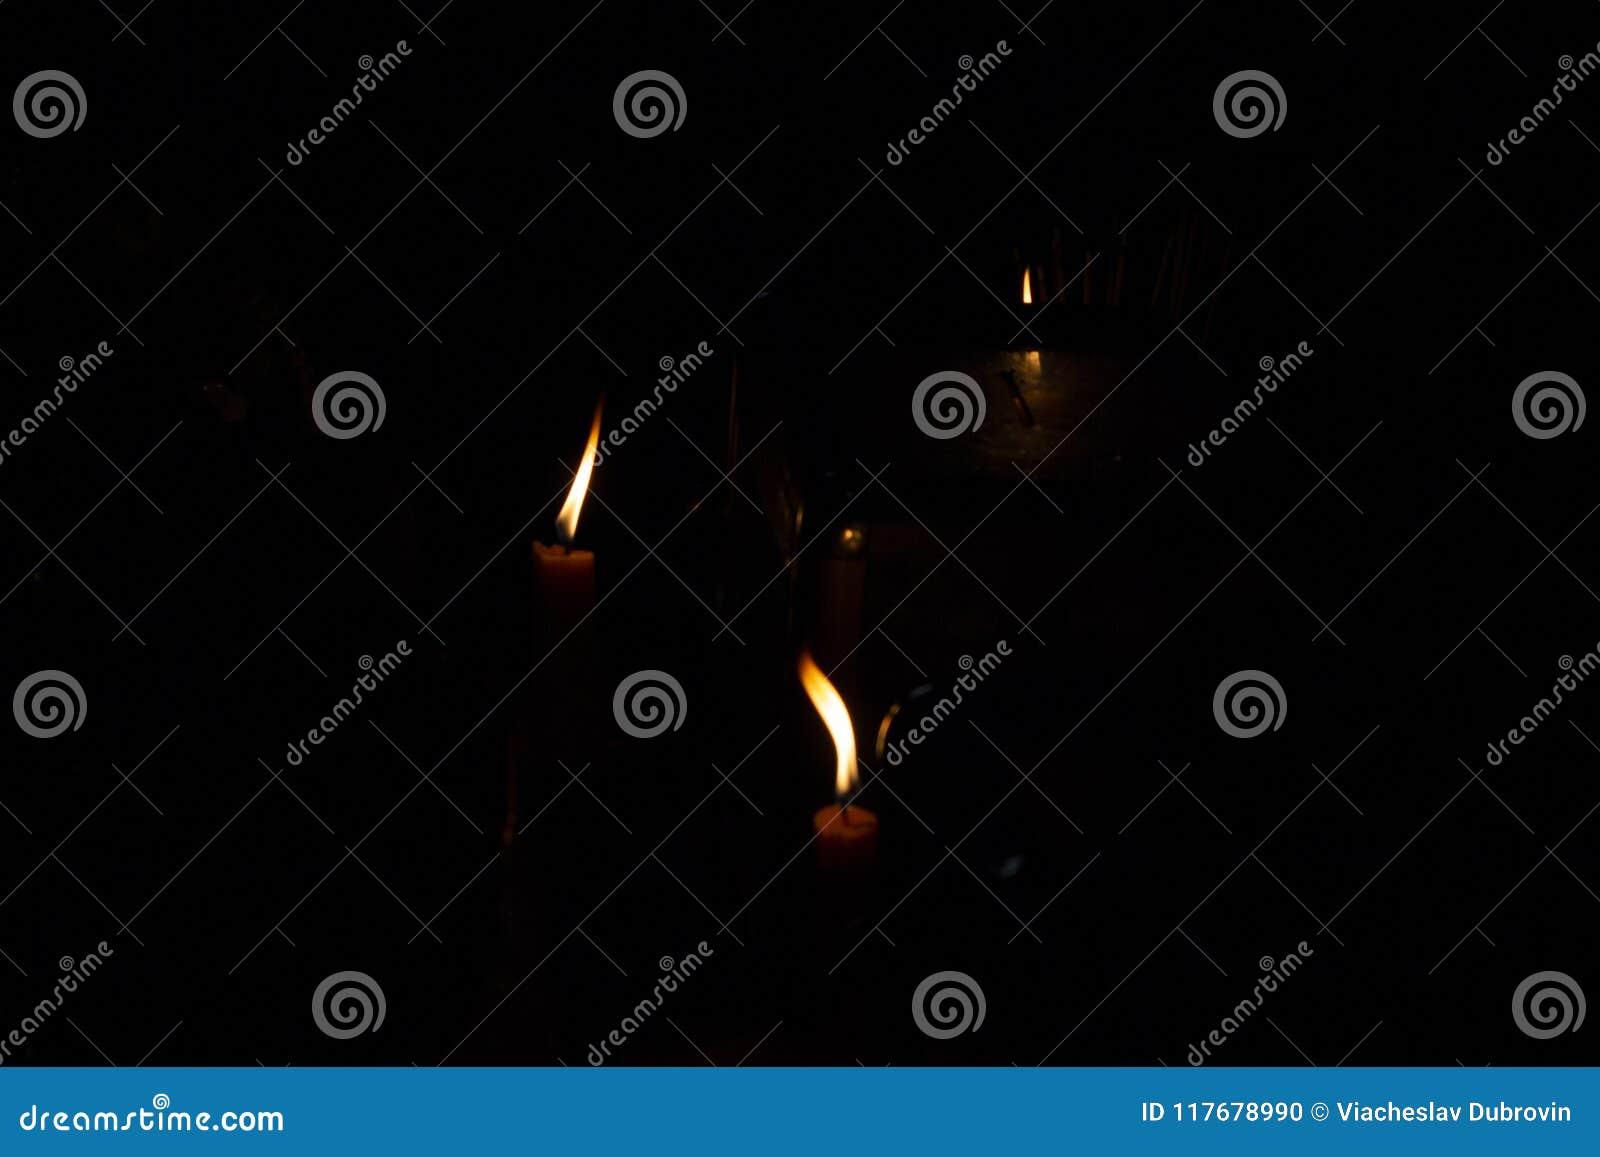 La Credenza Religiosa : Fuoco arancio delle candele nelloscurità il rituale religioso della